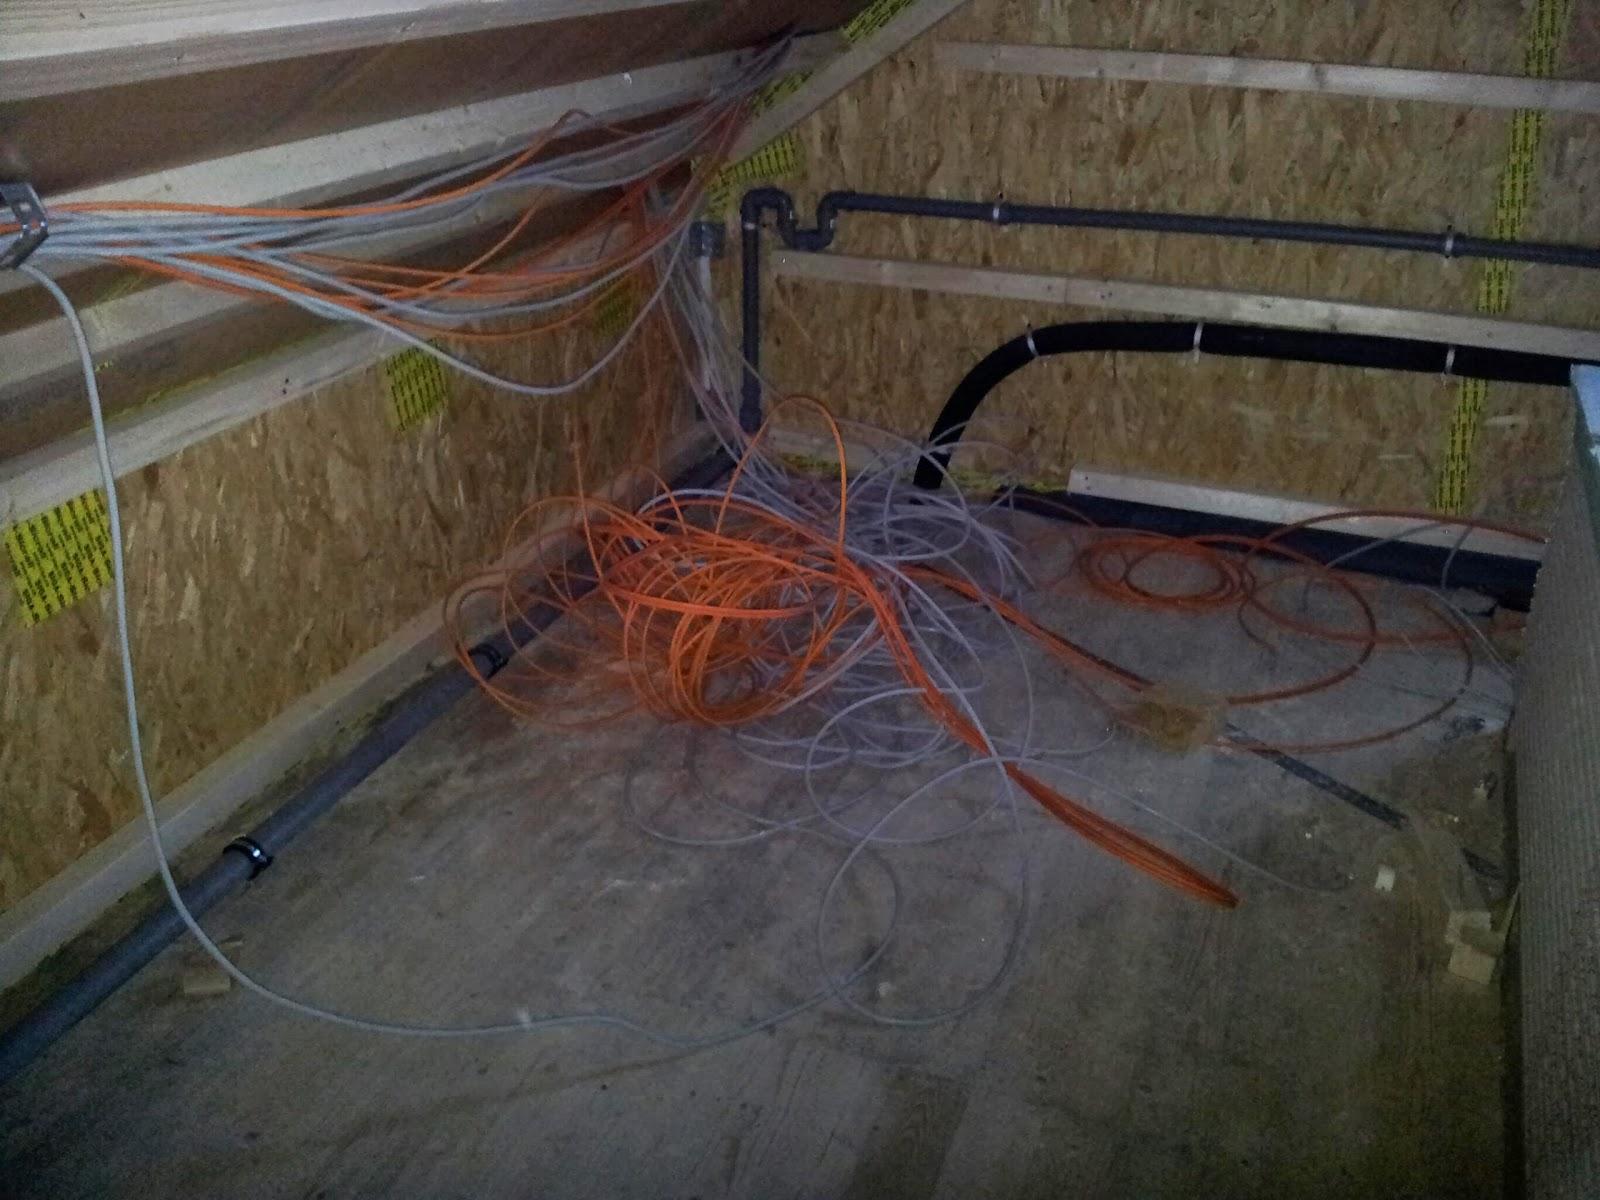 Fußboden Verlegen Dachboden ~ Dampfbremse bei zwsparrendämmung verlegen knifflige aufgabe